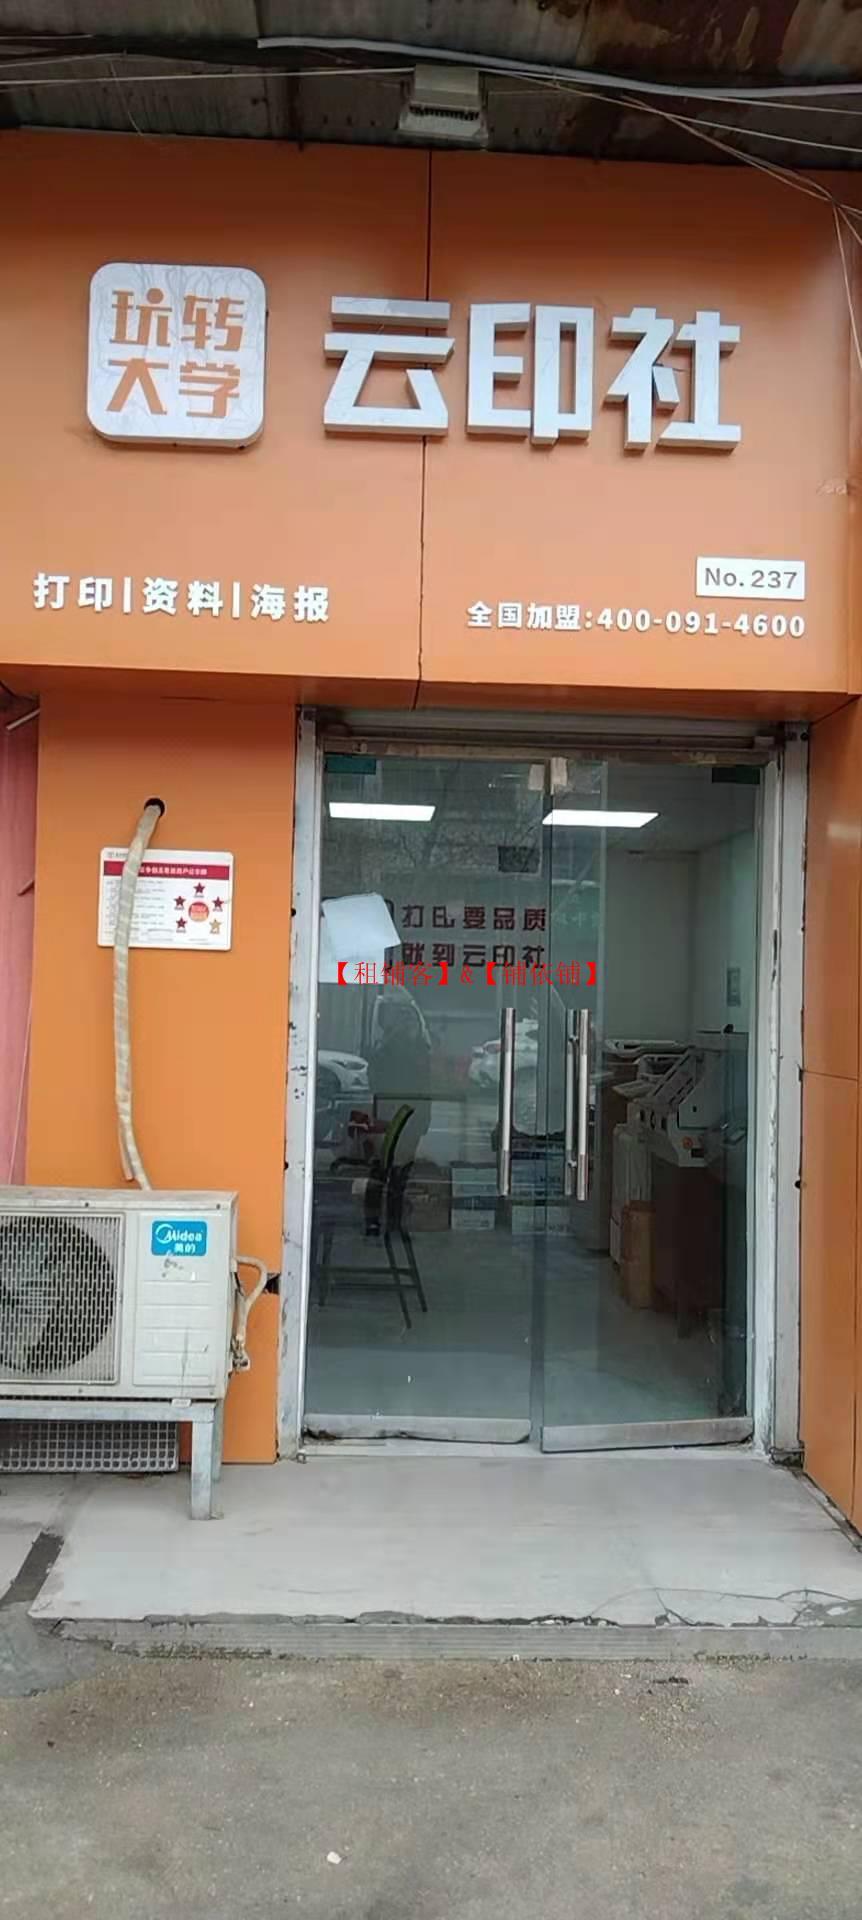 华北水利水电大学花园校区(水科路)